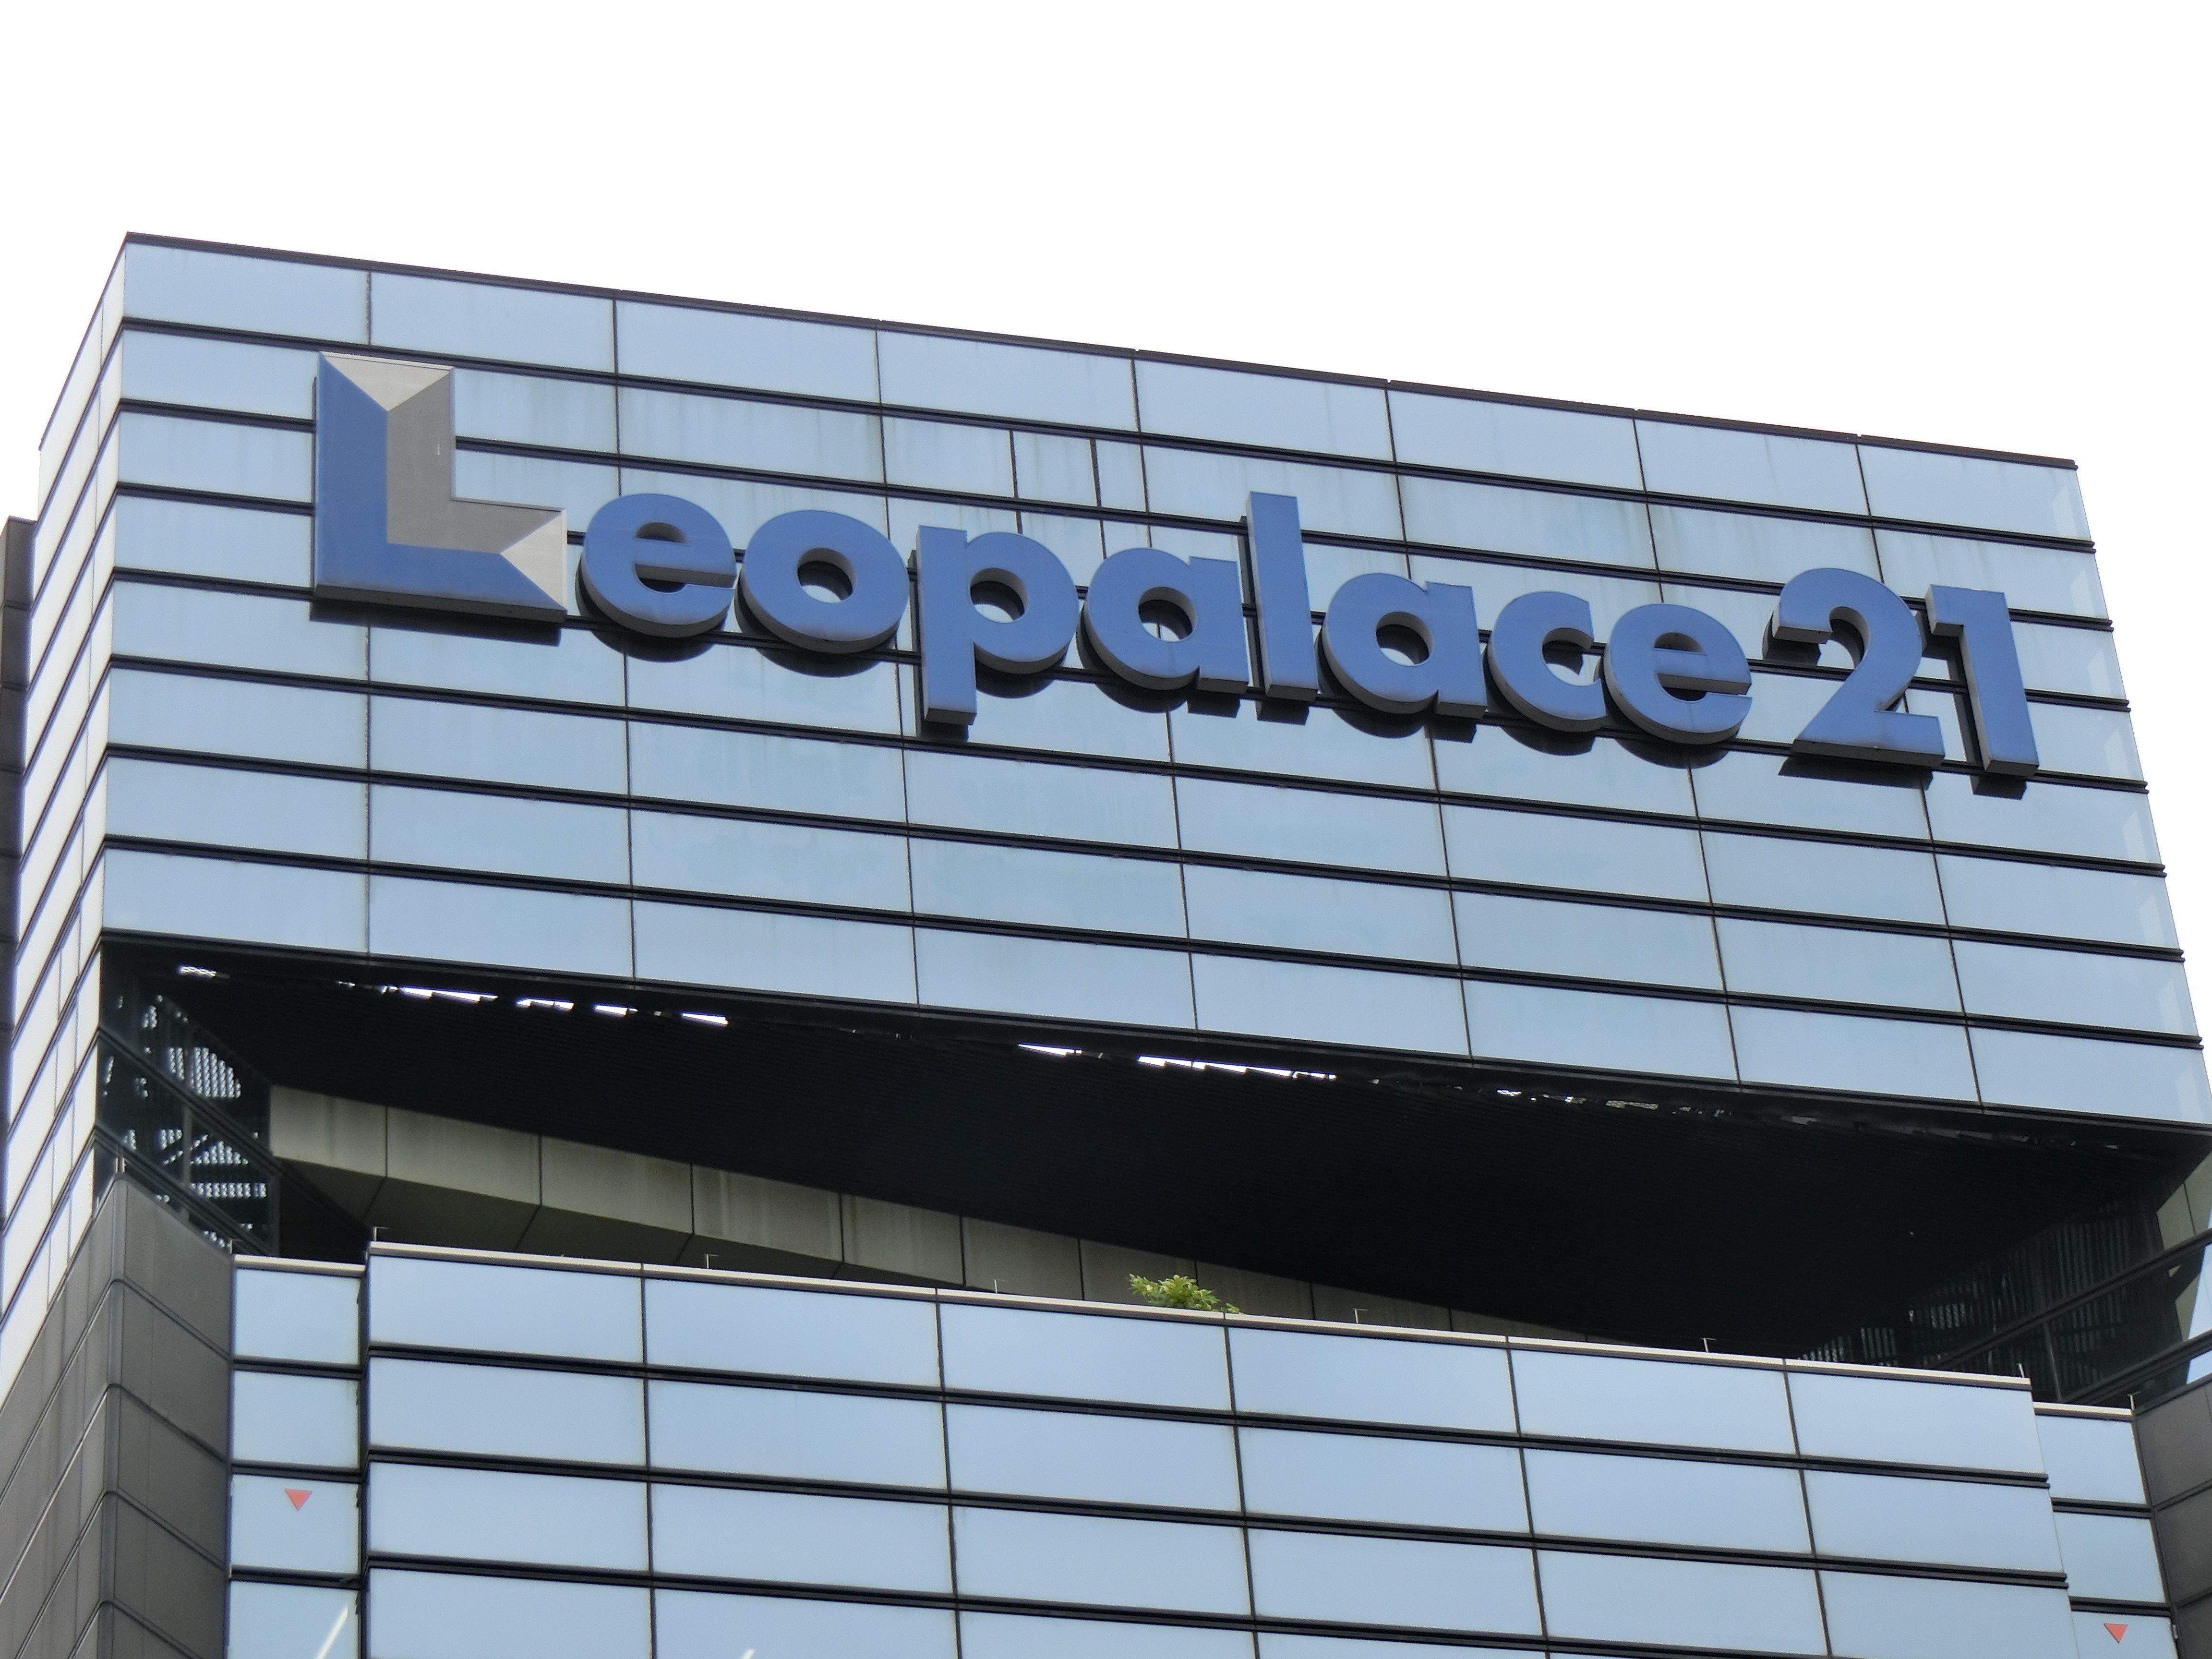 レオパレスが「レノ」の要求を一転受け入れ 臨時株主総会を開催